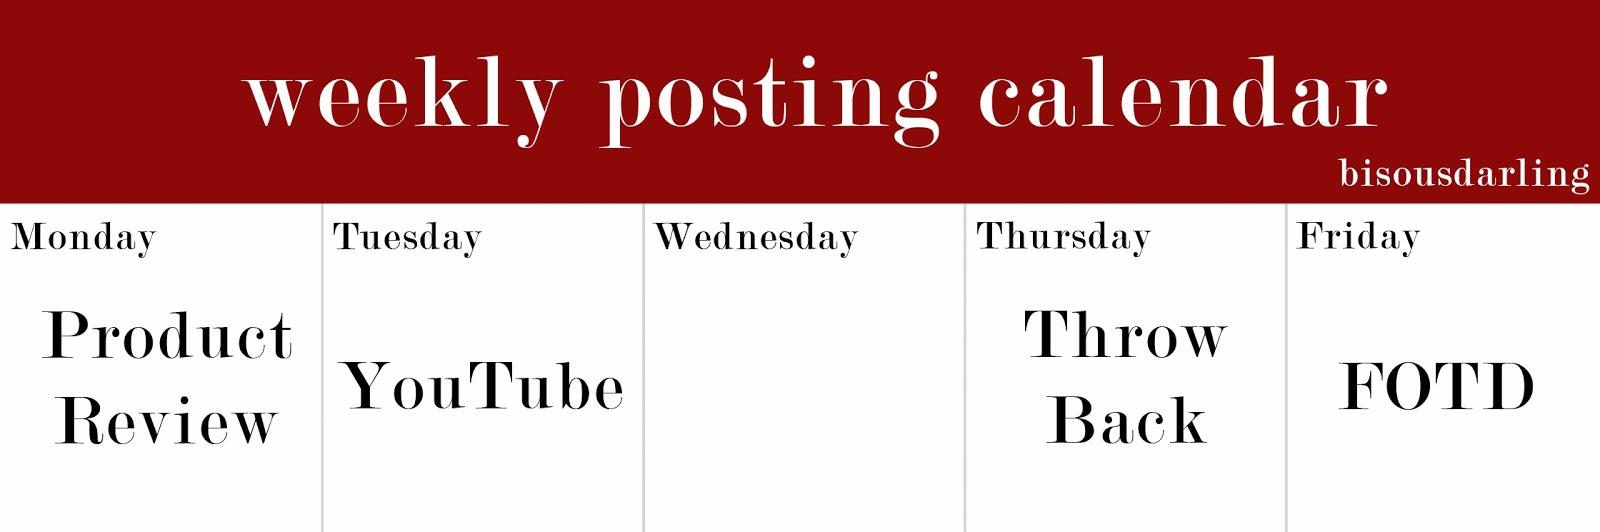 Weekly Calendar Update : Bisous darling weekly posting calendar update